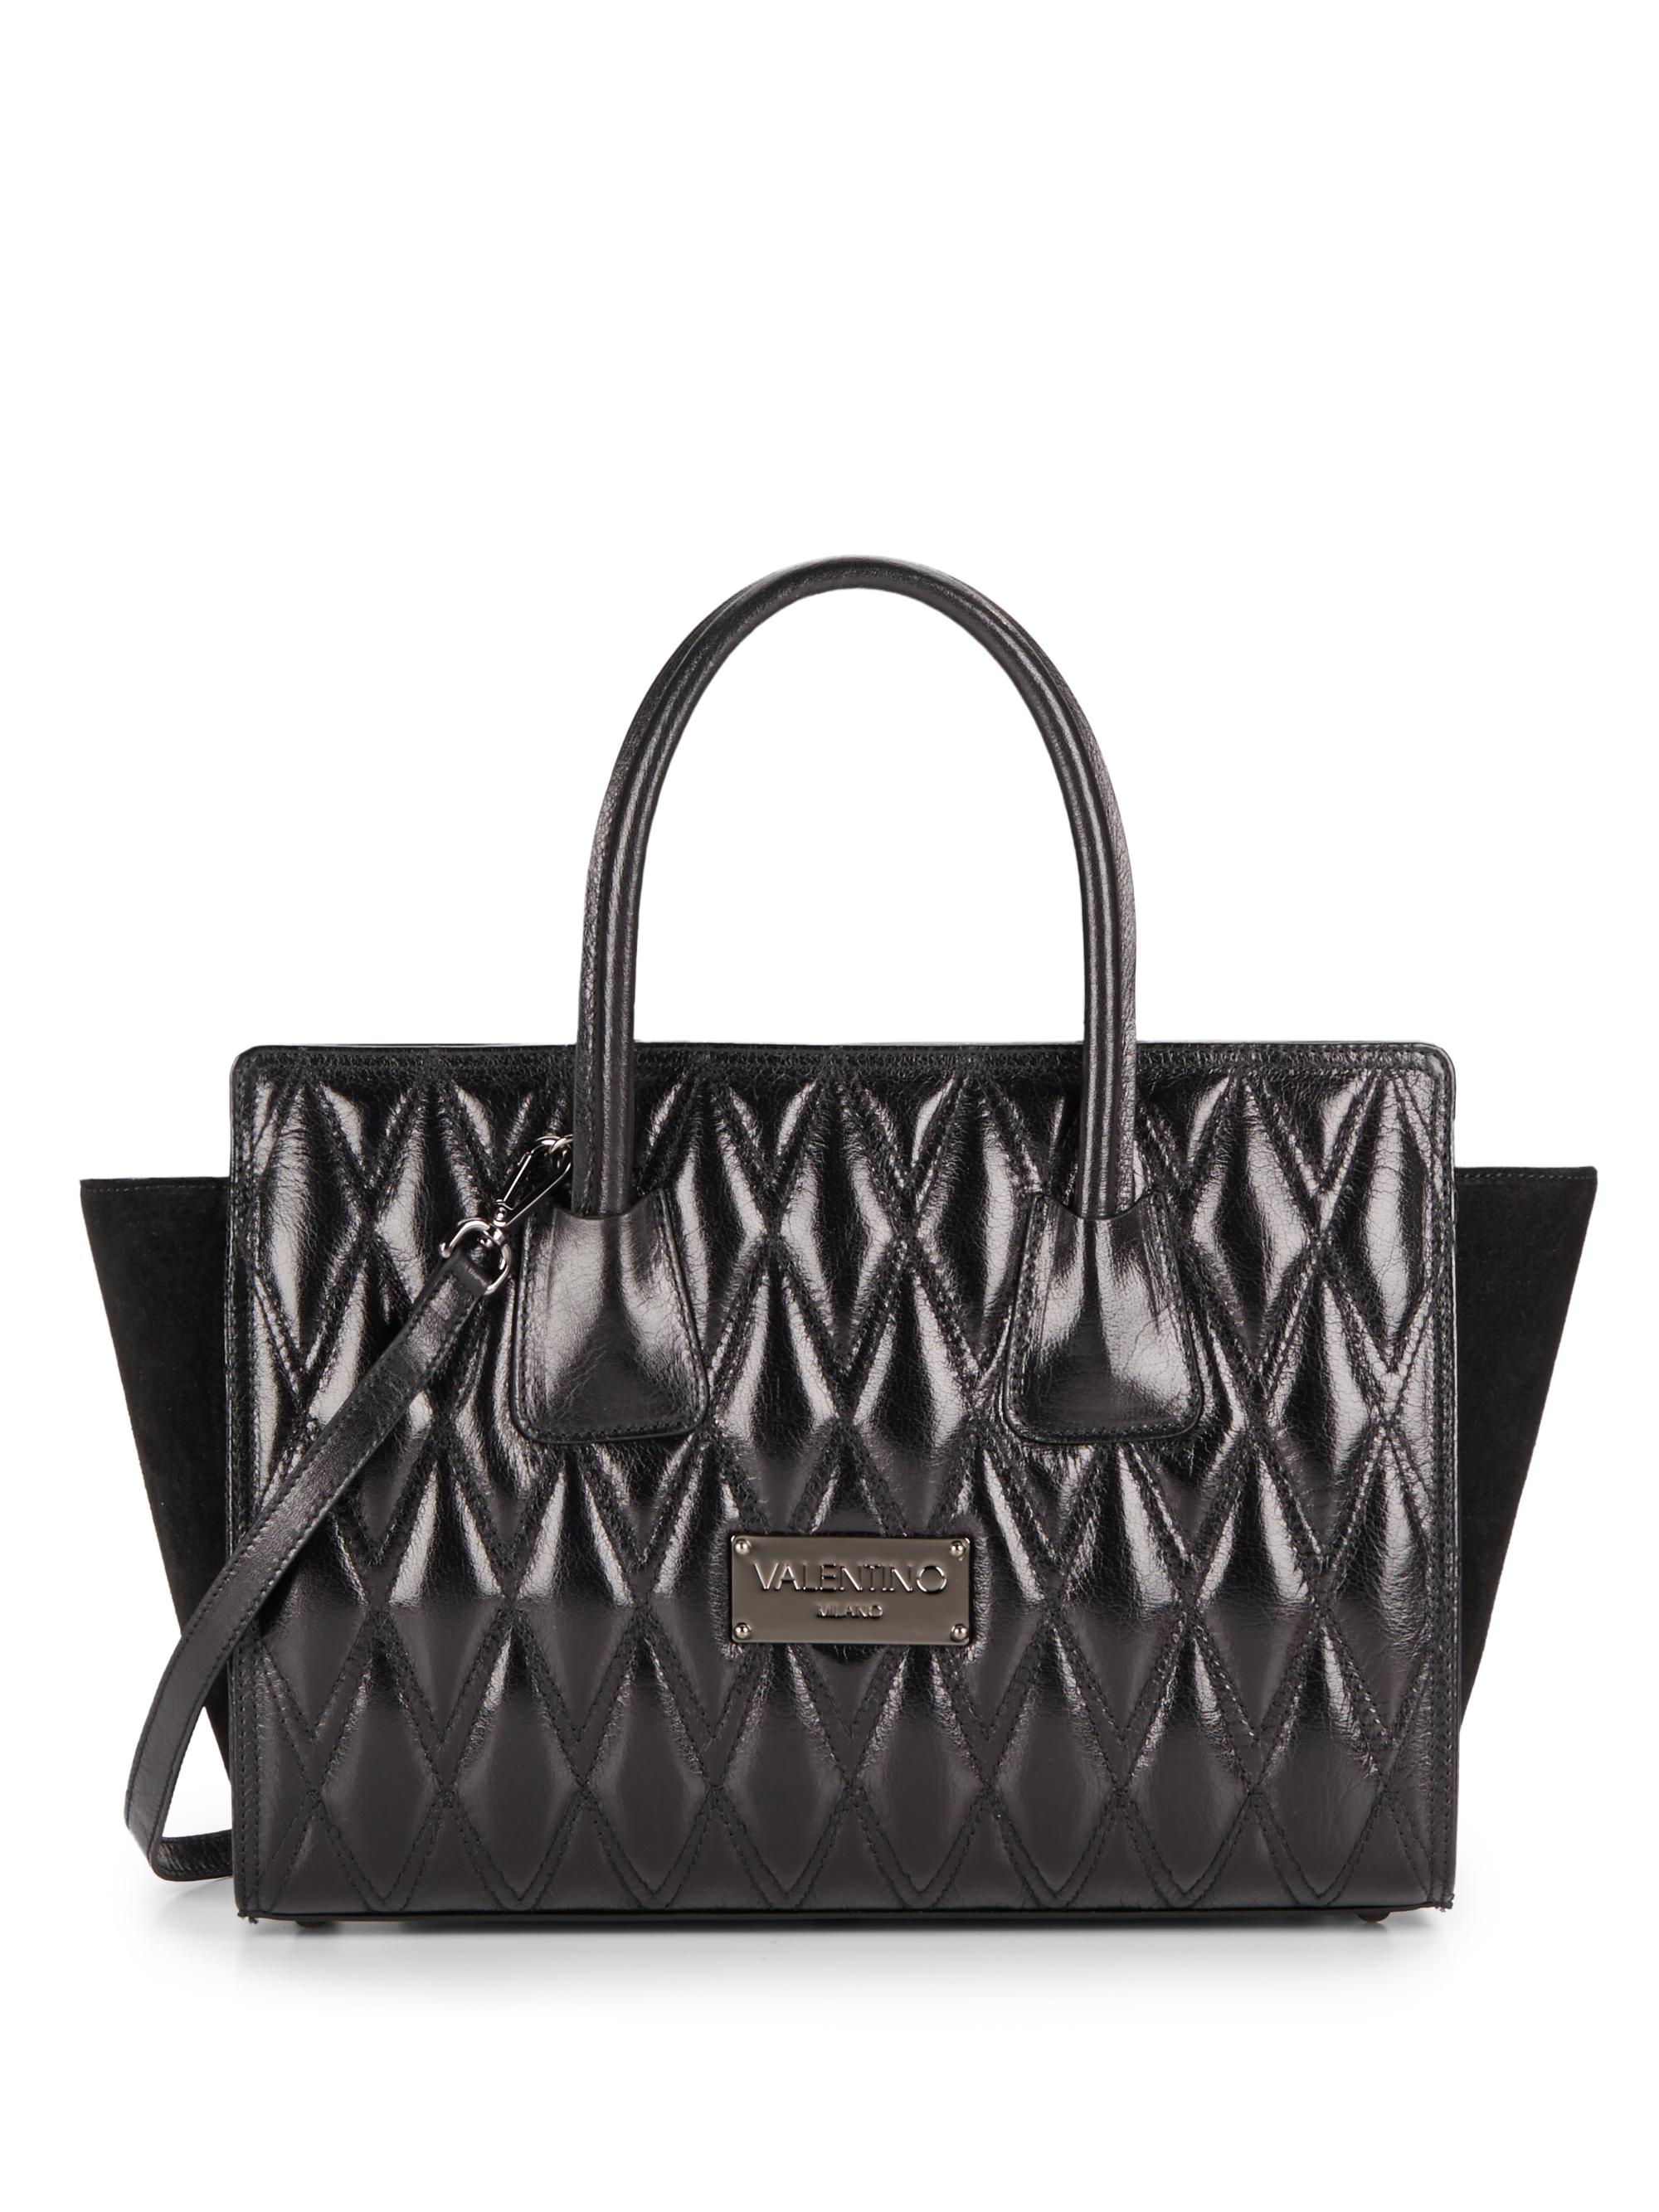 Handbags-059.JPG